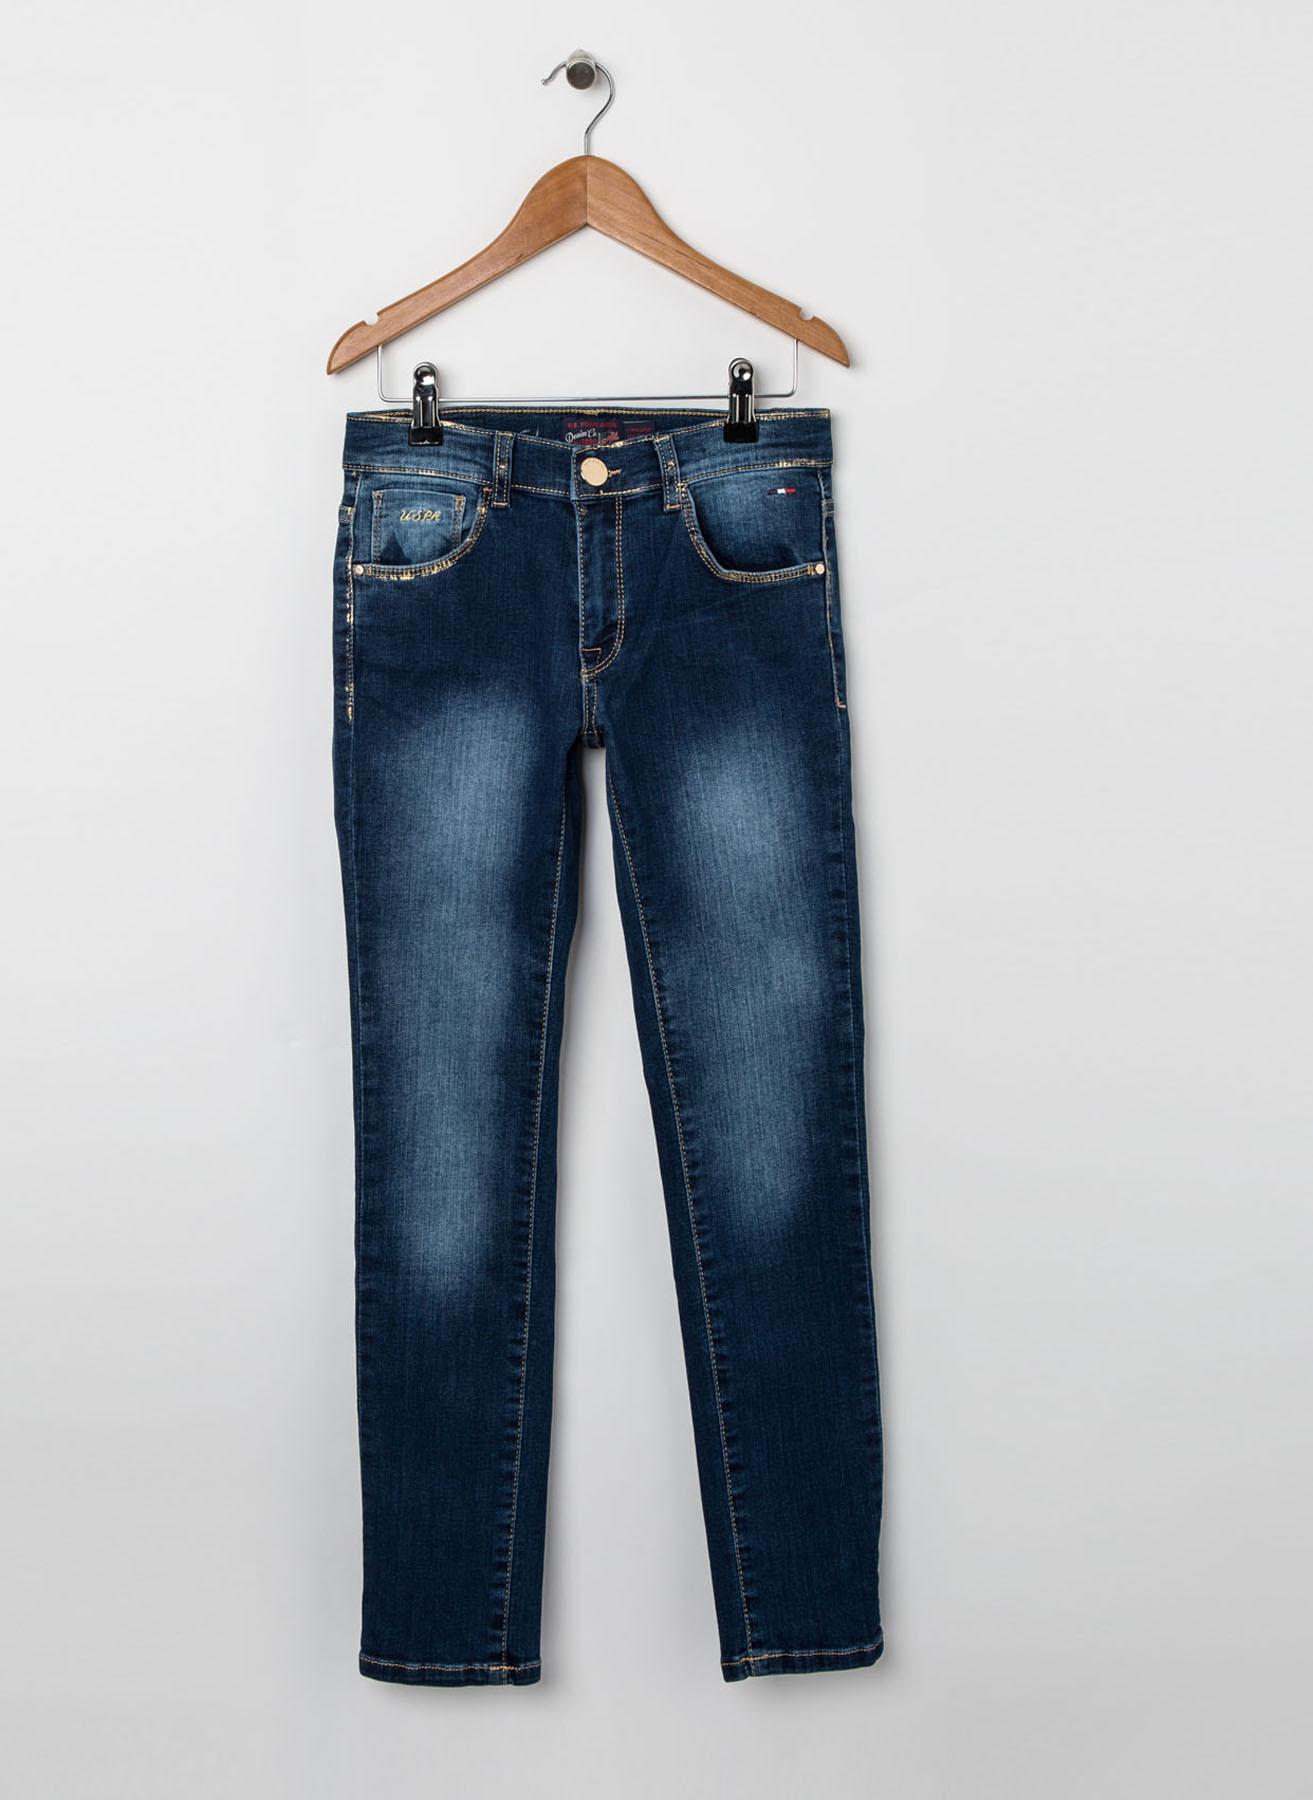 U.S. Polo Assn. Genç Kız Lacivert Pantolon 8 Yaş 5001704557010 Ürün Resmi